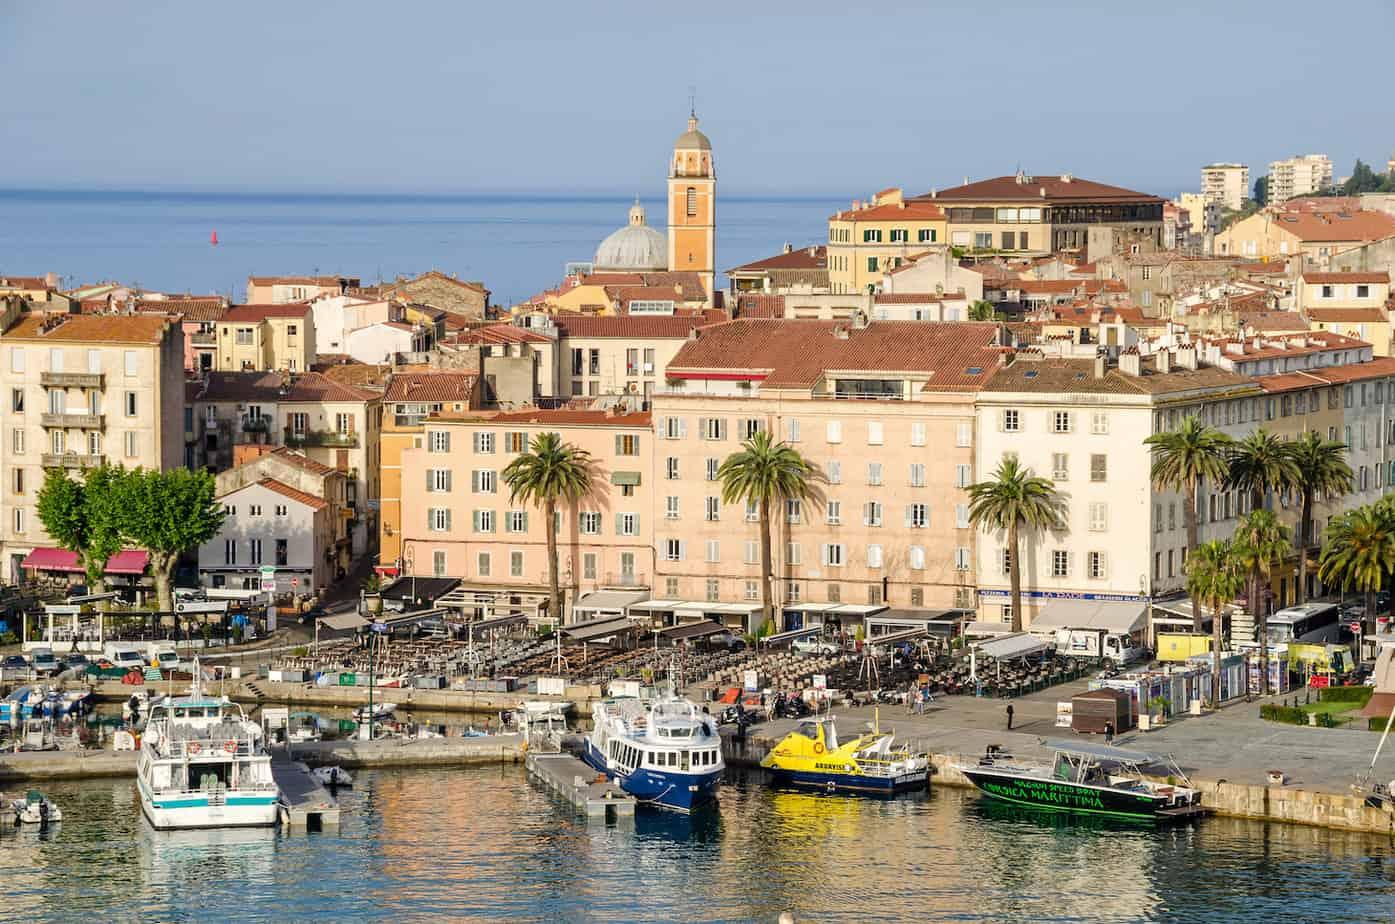 De baai van Ajaccio